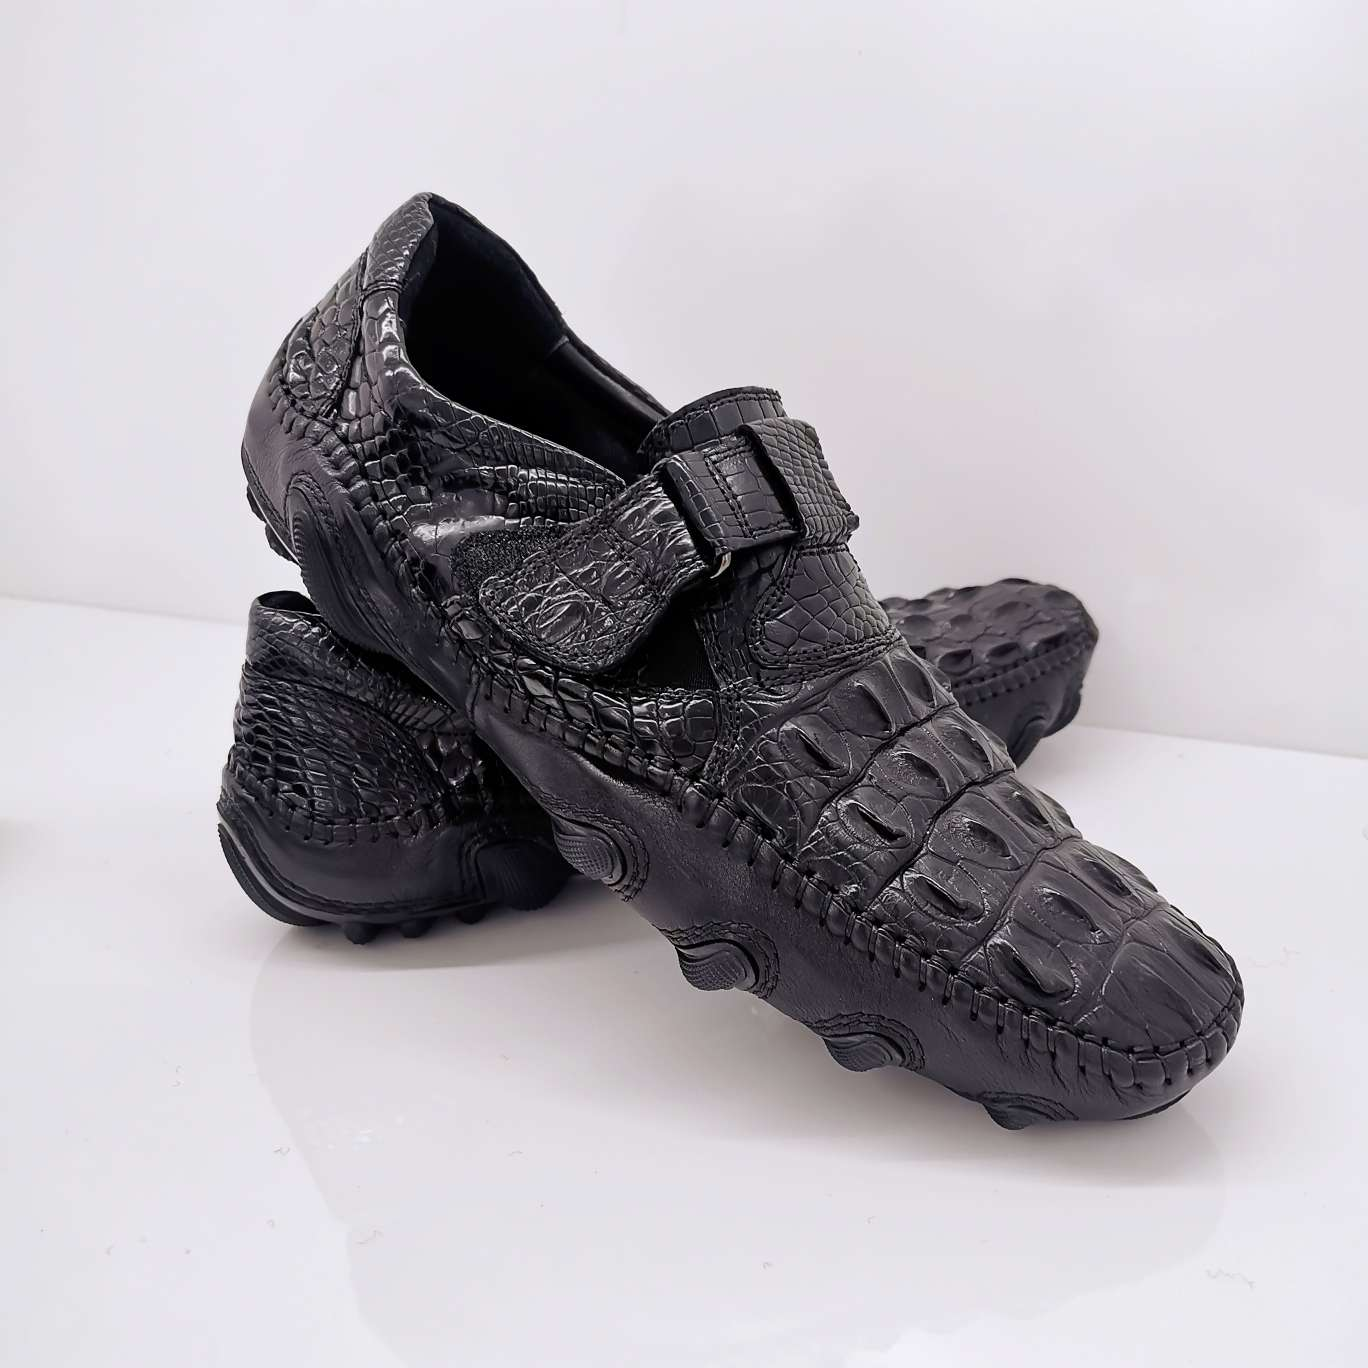 鳄鱼皮八爪鞋